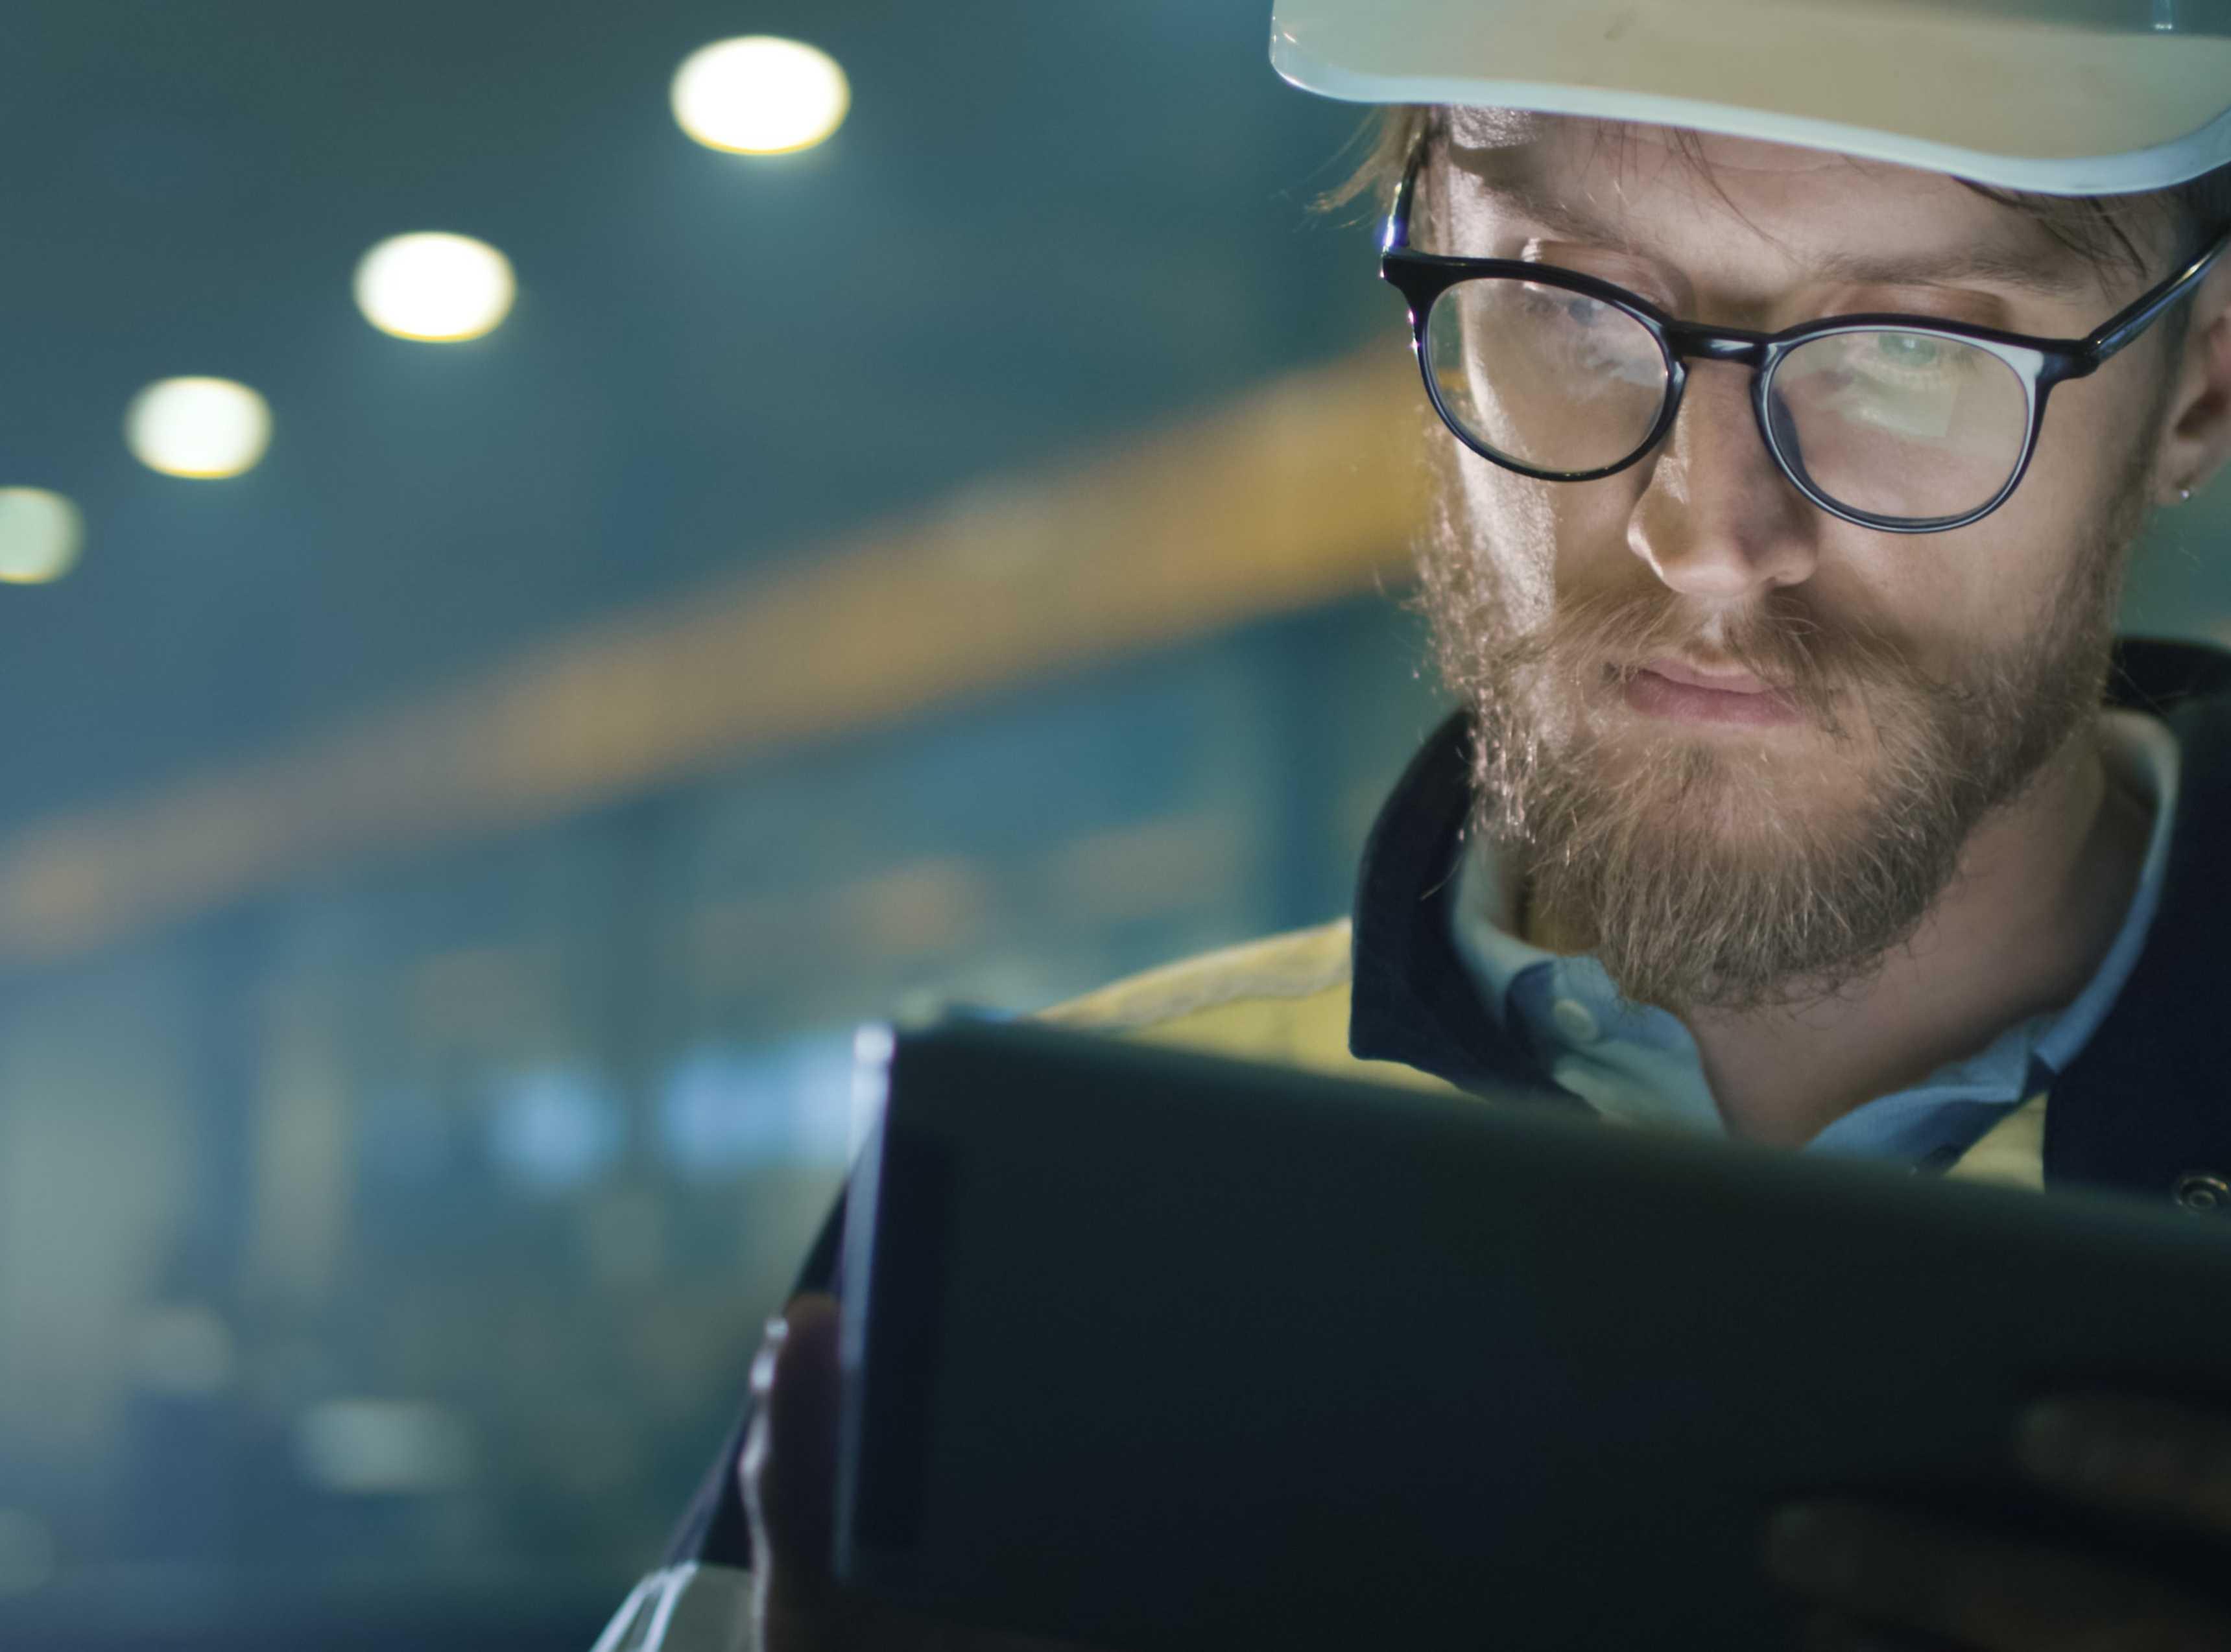 Accruent - Resources - Webinars - Partner Updates Meridian - Maintenance and Support Updates 2021 - Hero